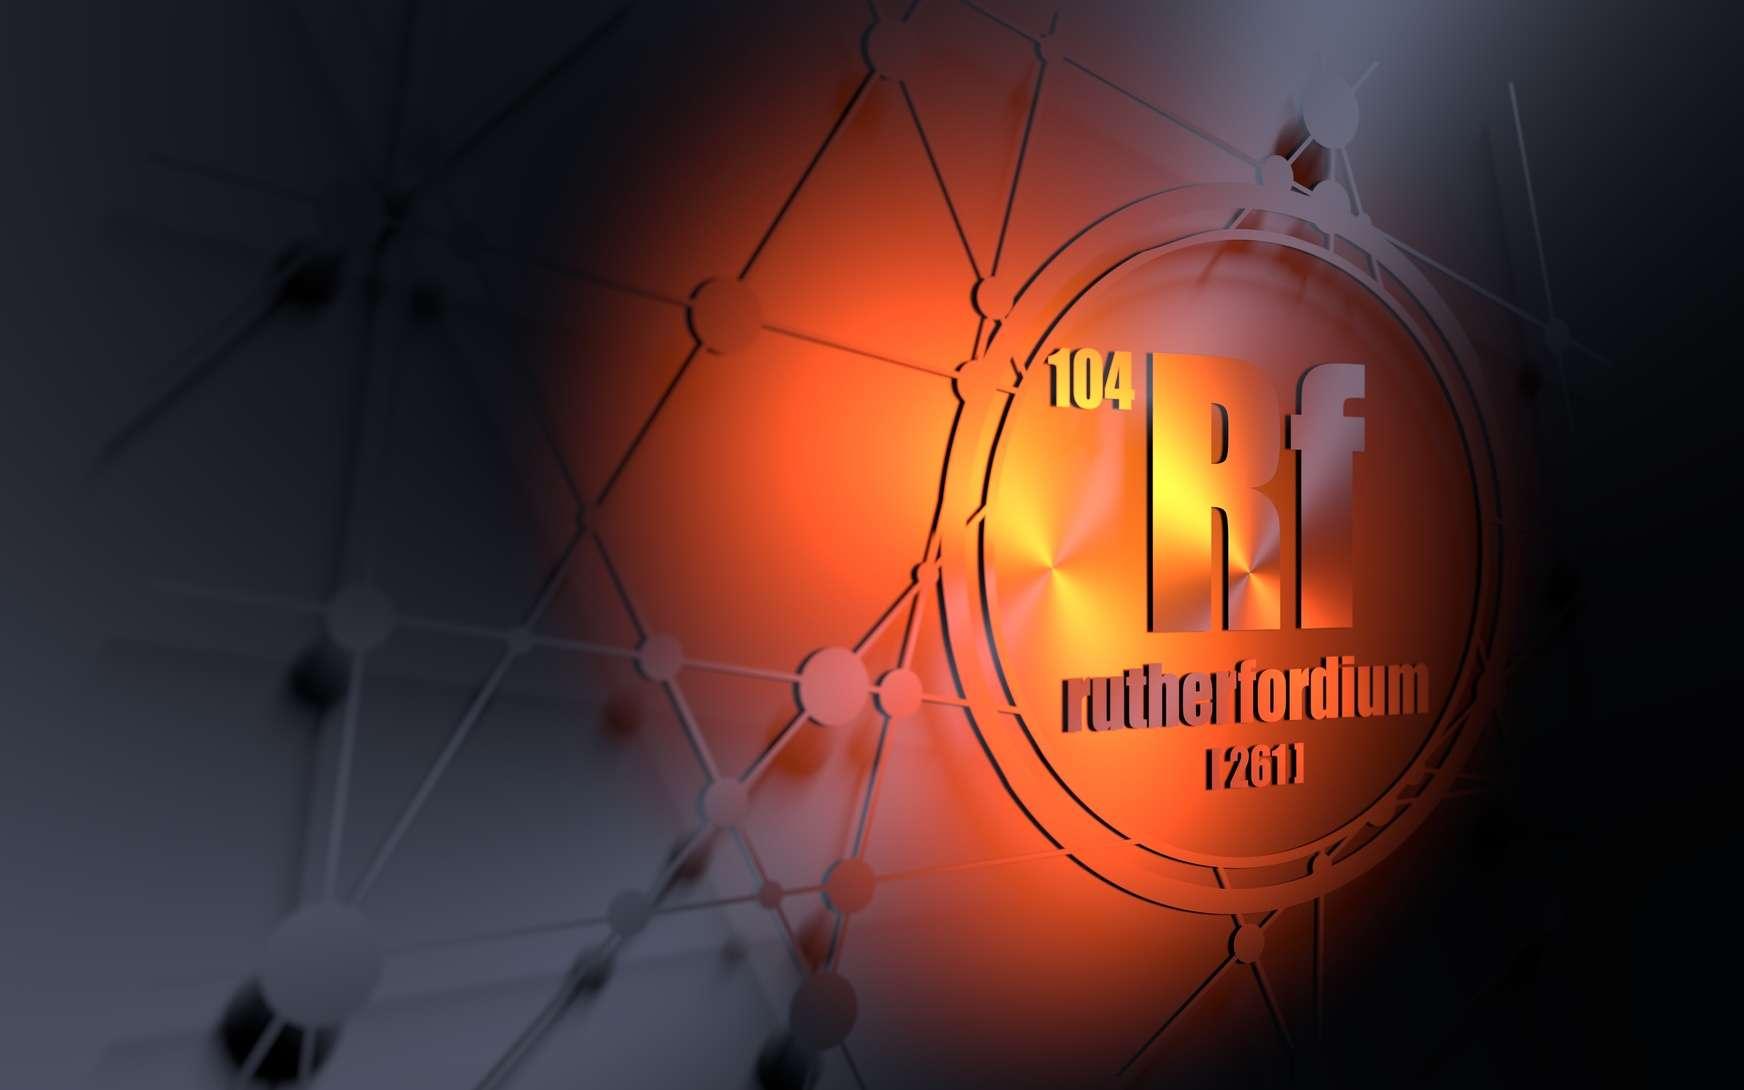 Le rutherfordium a été baptisé en l'honneur d'Ernest Rutherford, un physicien et chimiste britannique, considéré comme le père de la physique nucléaire. © JEGAS RA, fotolia